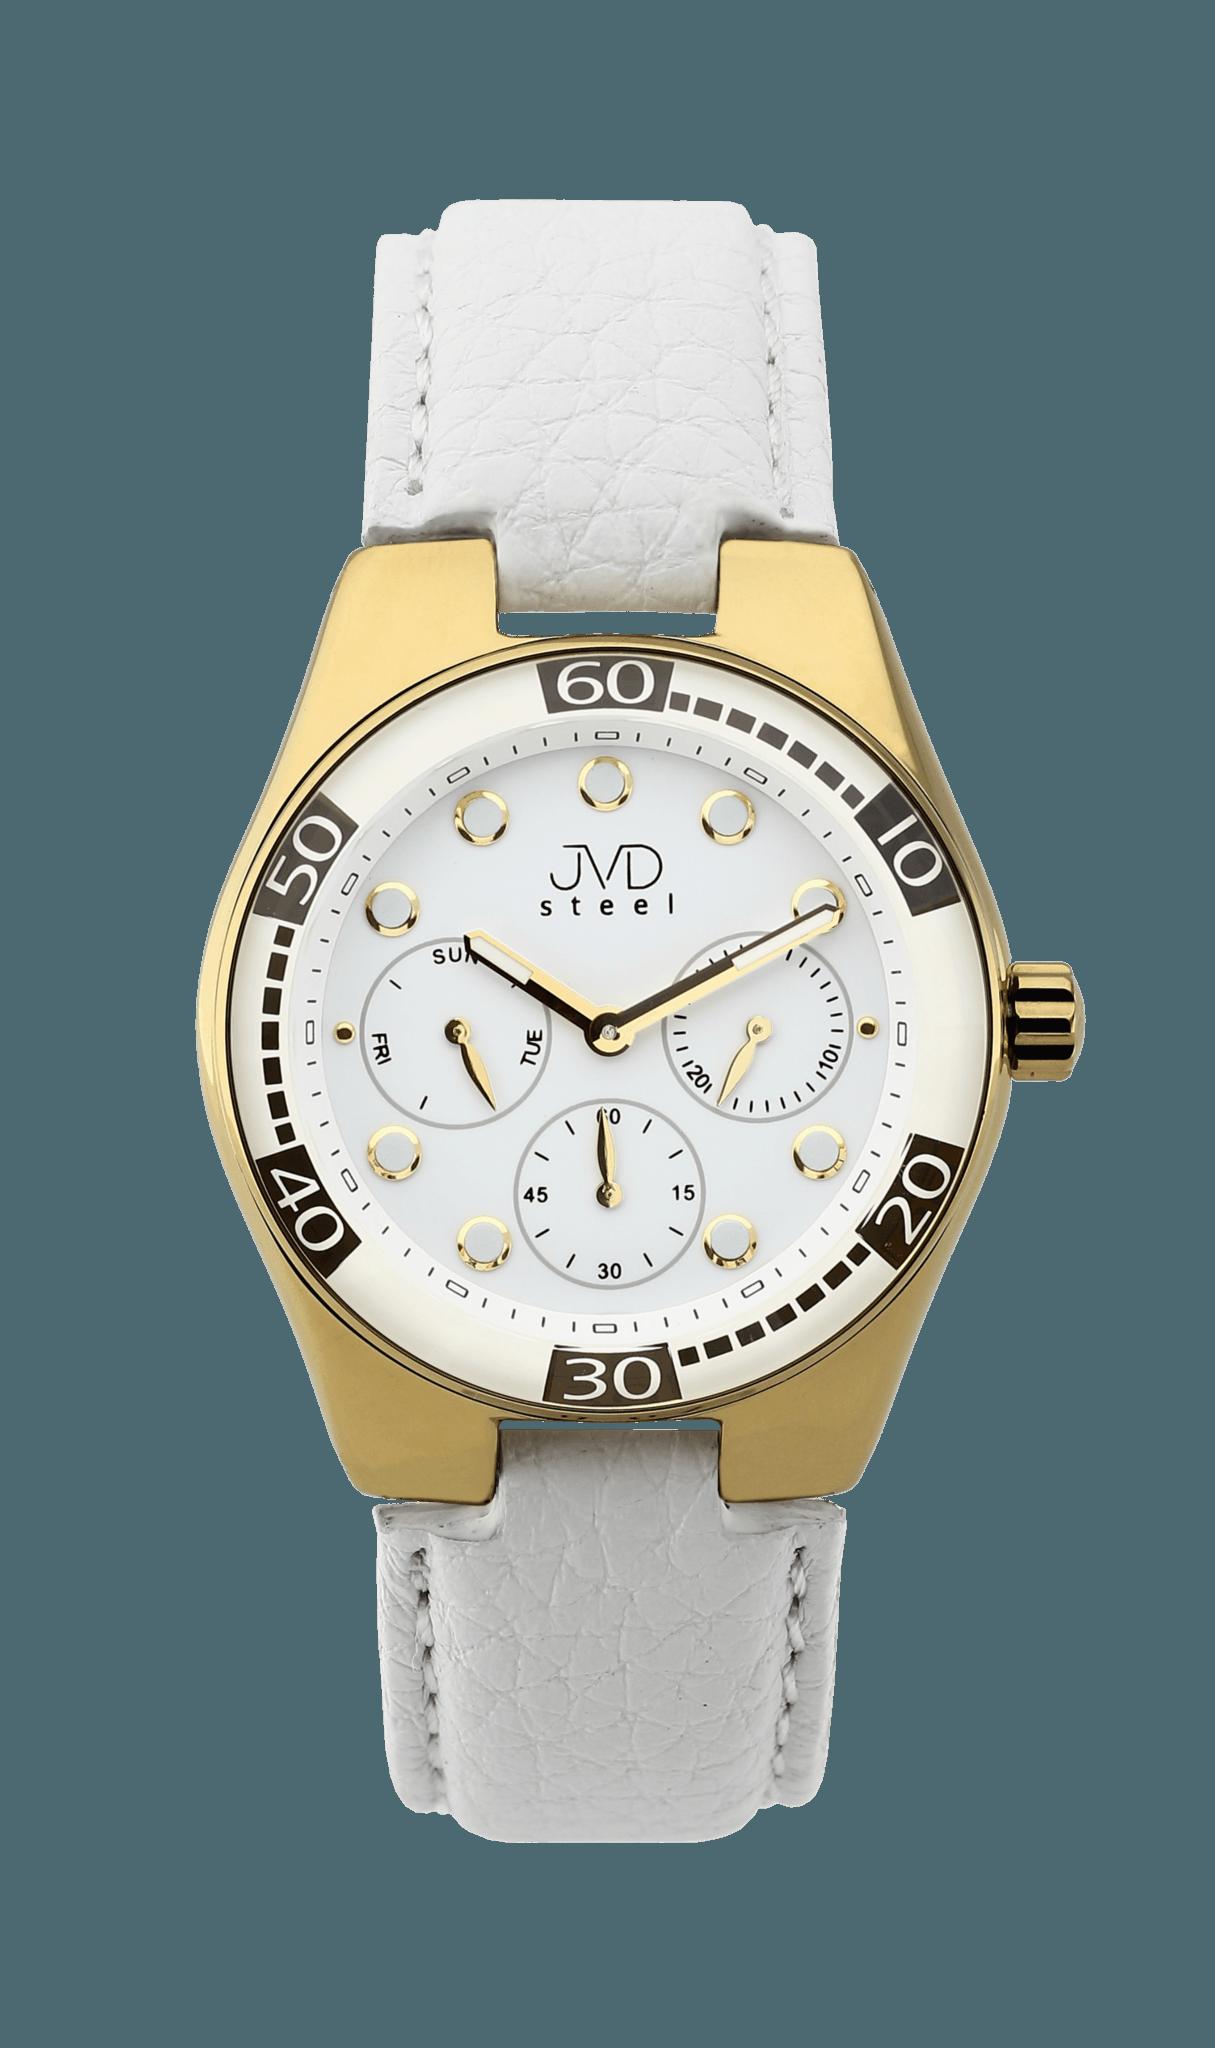 Dámské elegantní náramkové hodinky Steel JVDW 52.3 (POŠTOVNÉ ZDARMA!!!) 13129fa8836